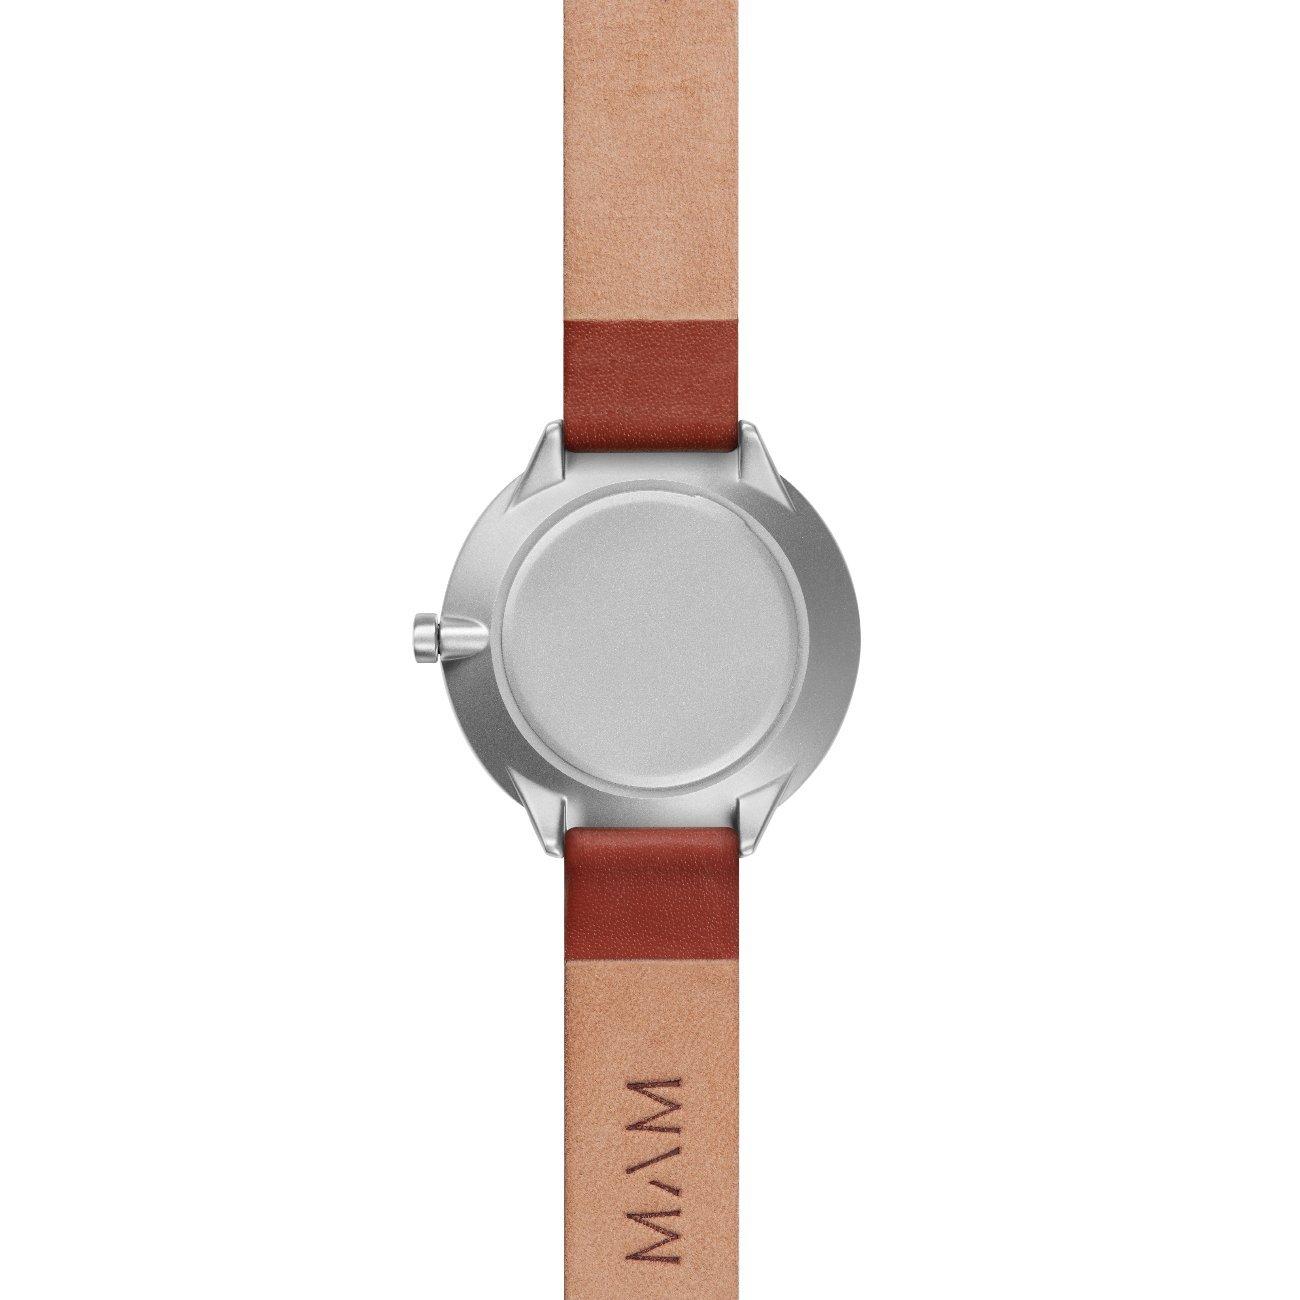 MAM Originals · Stainless Dark Maple Fauve | Reloj de Mujer | Diseño Minimalista | Creado con Madera de Arce sostenible Gris y Acero Inoxidable Reciclado: ...